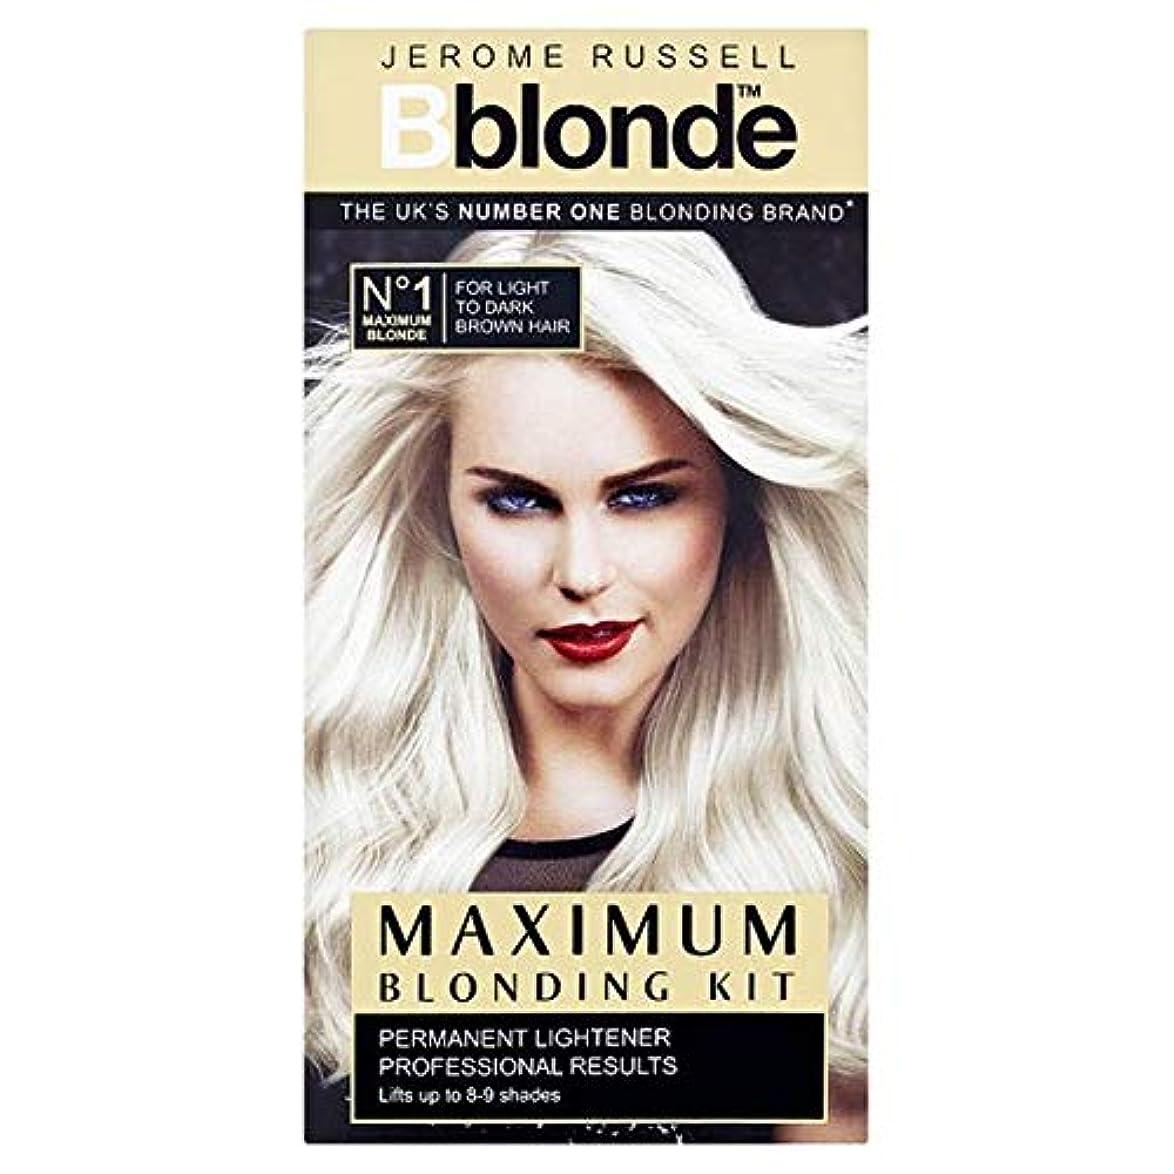 アラブサラボ飛び込むしてはいけない[Jerome Russell] ジェロームラッセルB金髪最大Blondingキット - Jerome Russell B Blonde Maximum Blonding Kit [並行輸入品]